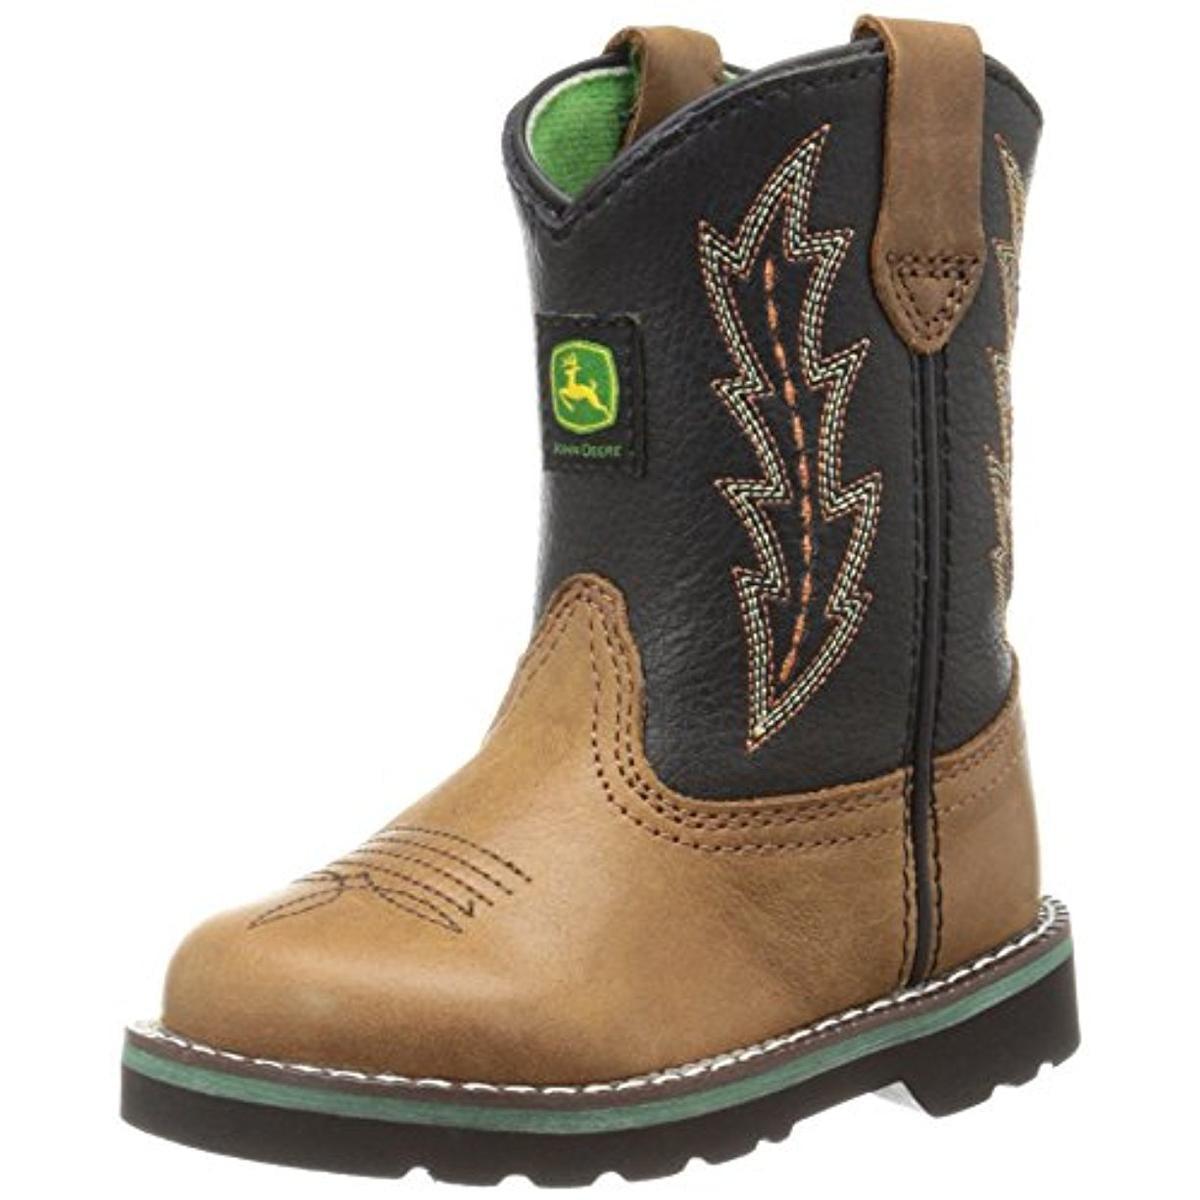 John Deere Leather Infant Boys Cowboy, Western Boots by John Deere